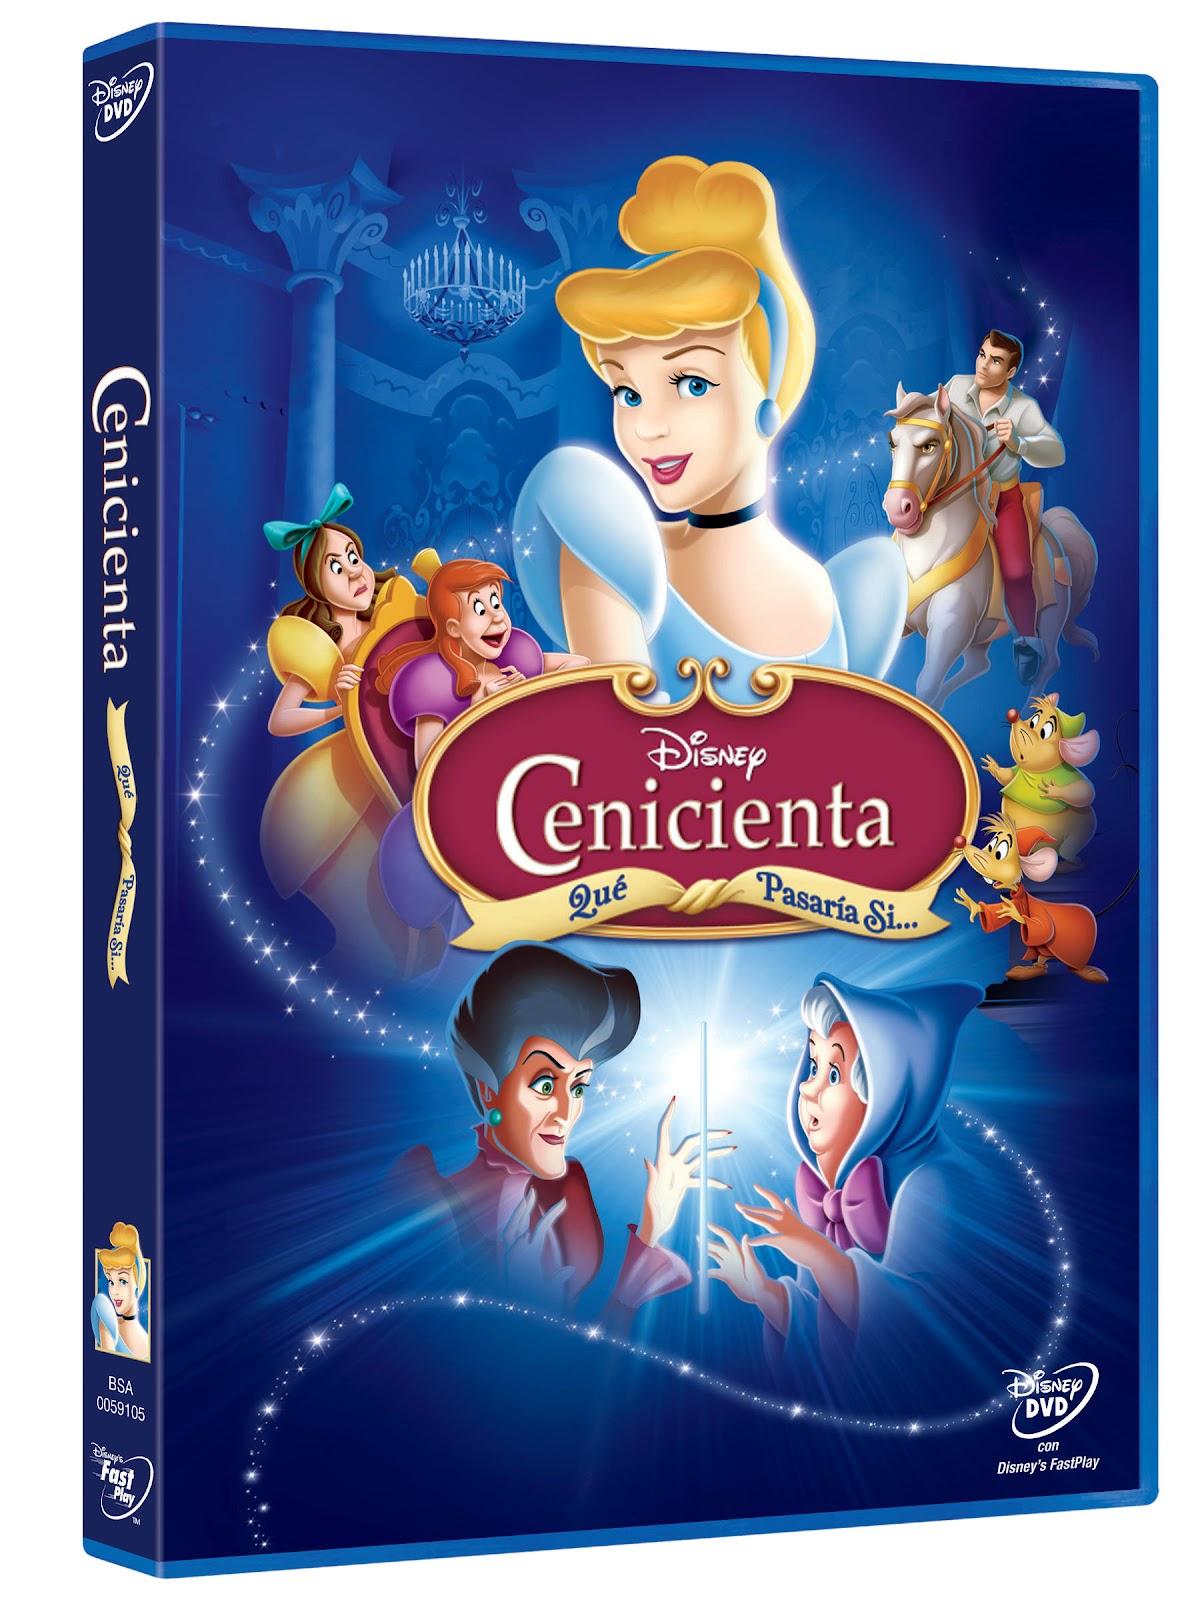 Informemos de disney listado lanzamientos dvd y blu ray de septiembre - Pelicula cenicienta disney ...